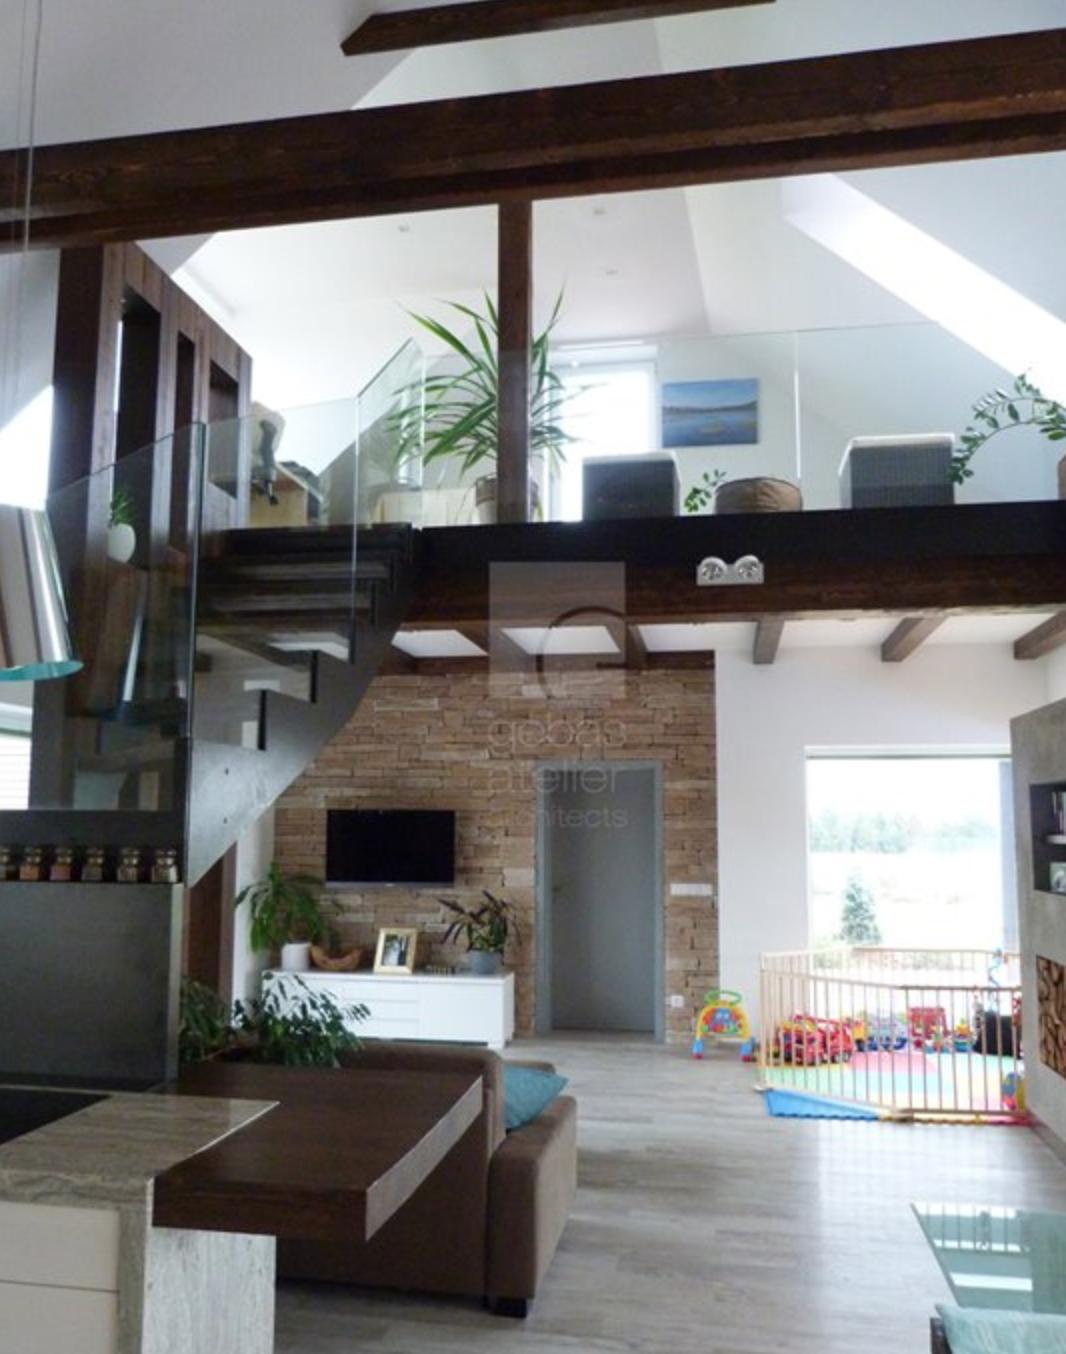 moderni dum interier